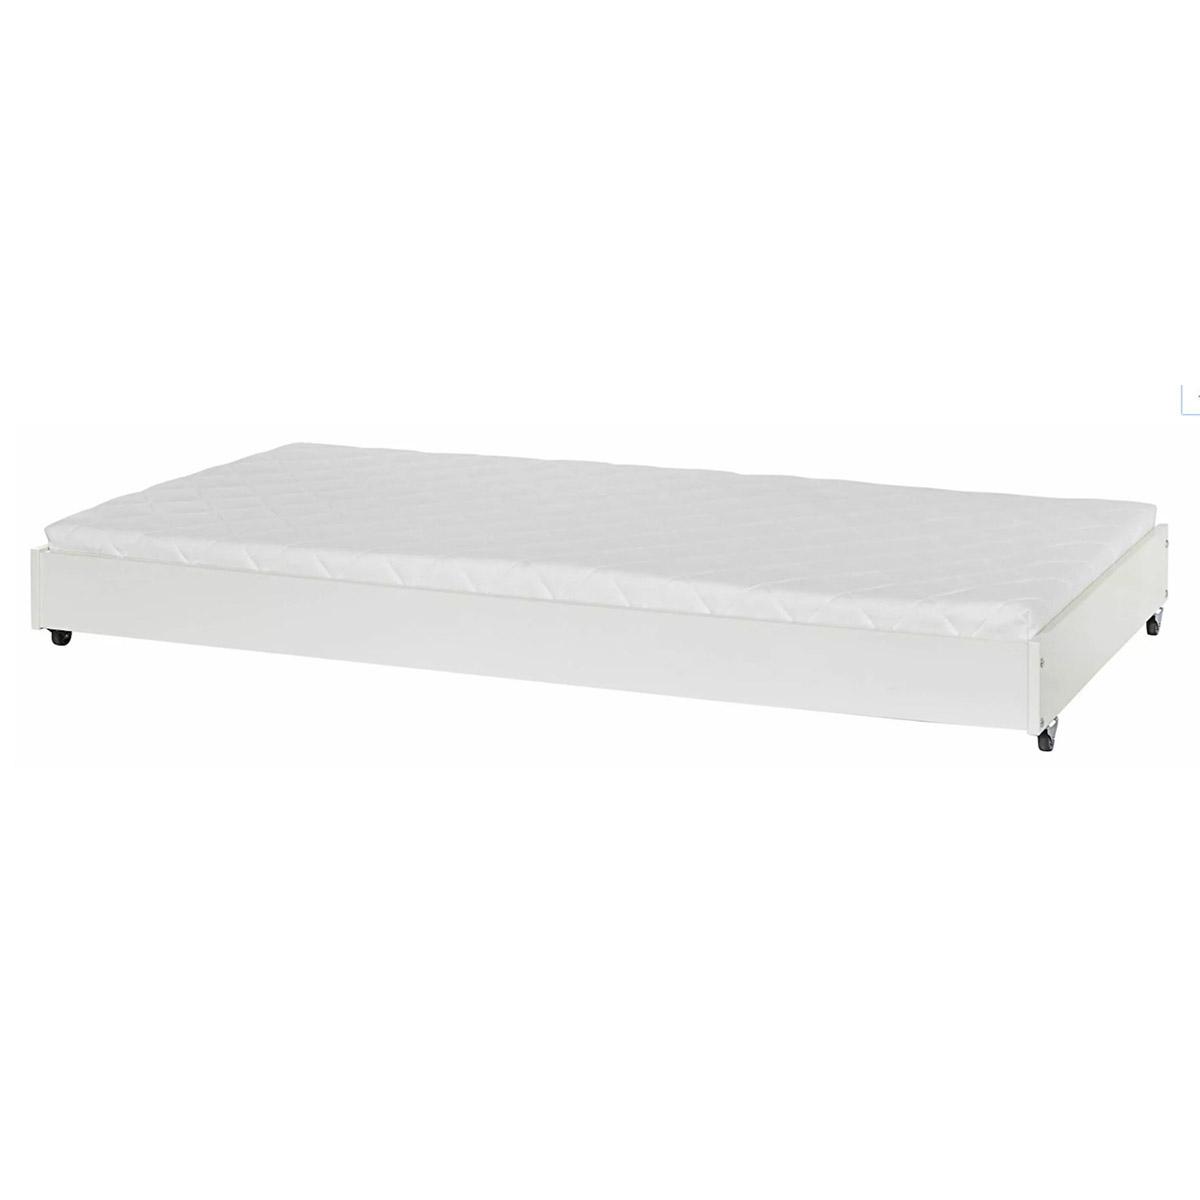 manis h ausziehbett 90 x 190 cm kinderzimmerhaus. Black Bedroom Furniture Sets. Home Design Ideas